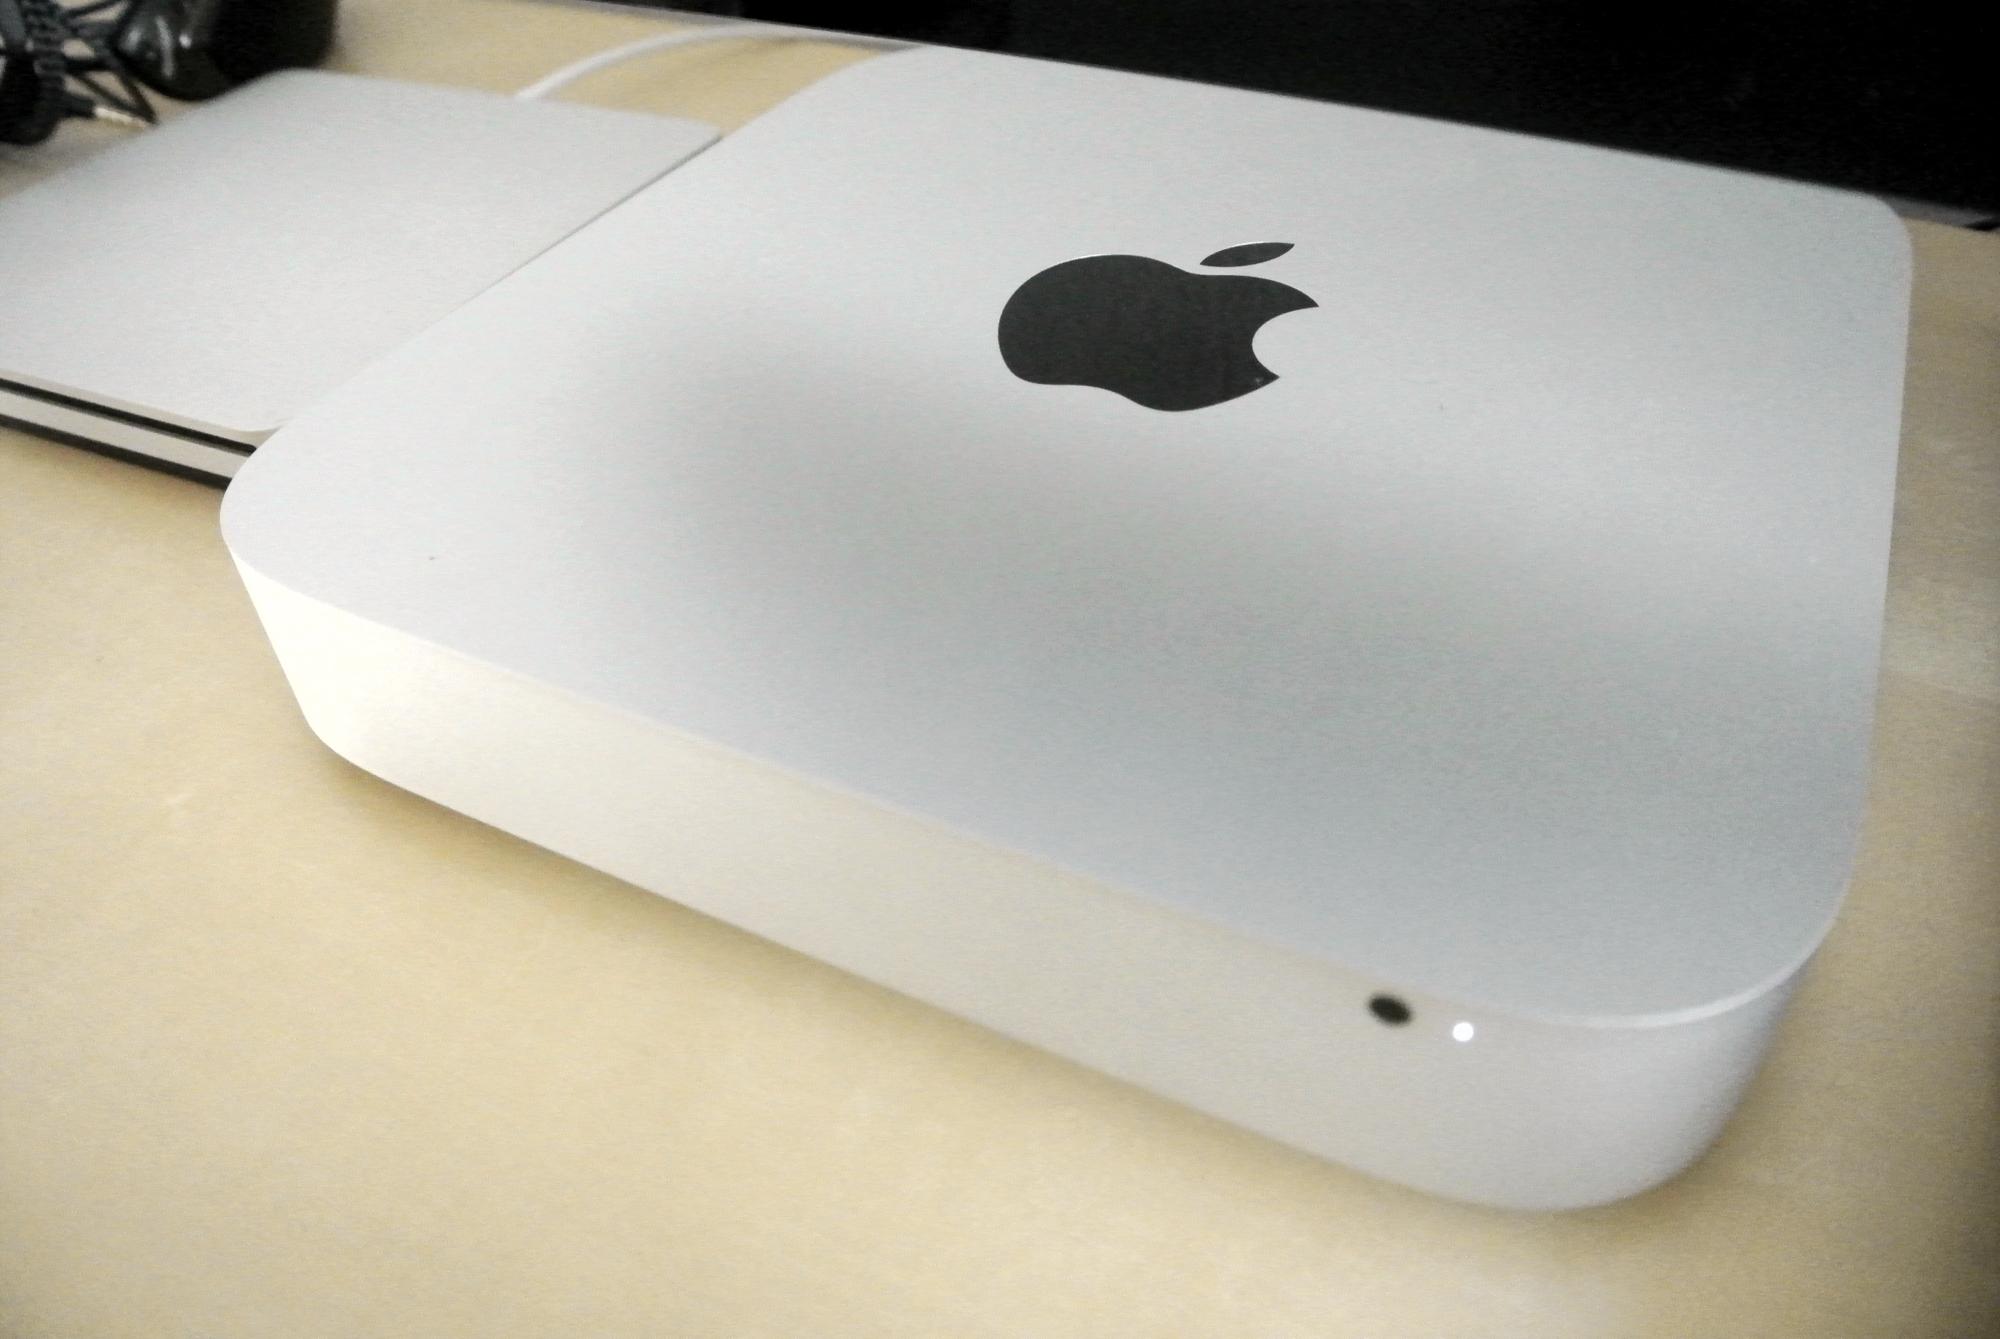 苹果CEO库克回复用户询问:Mac mini不会被抛弃